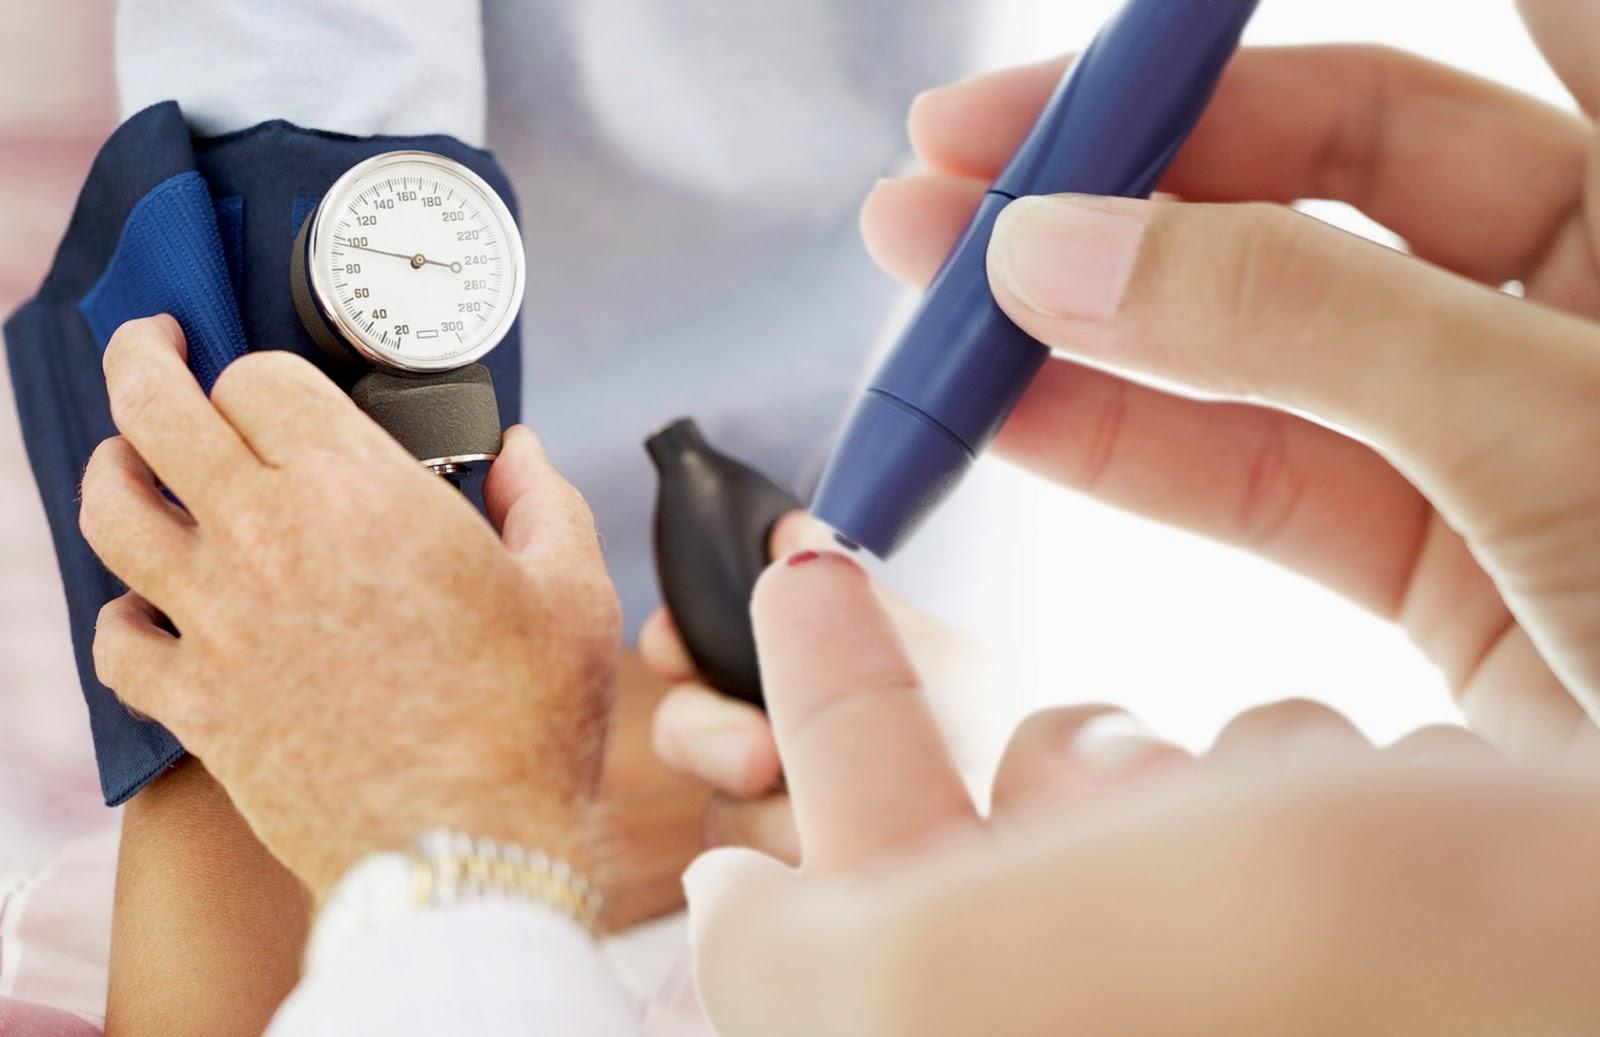 bệnh nhân cần tới chuyên ngành hô hấp khám kỹ và đưa ra biện pháp điều trị.